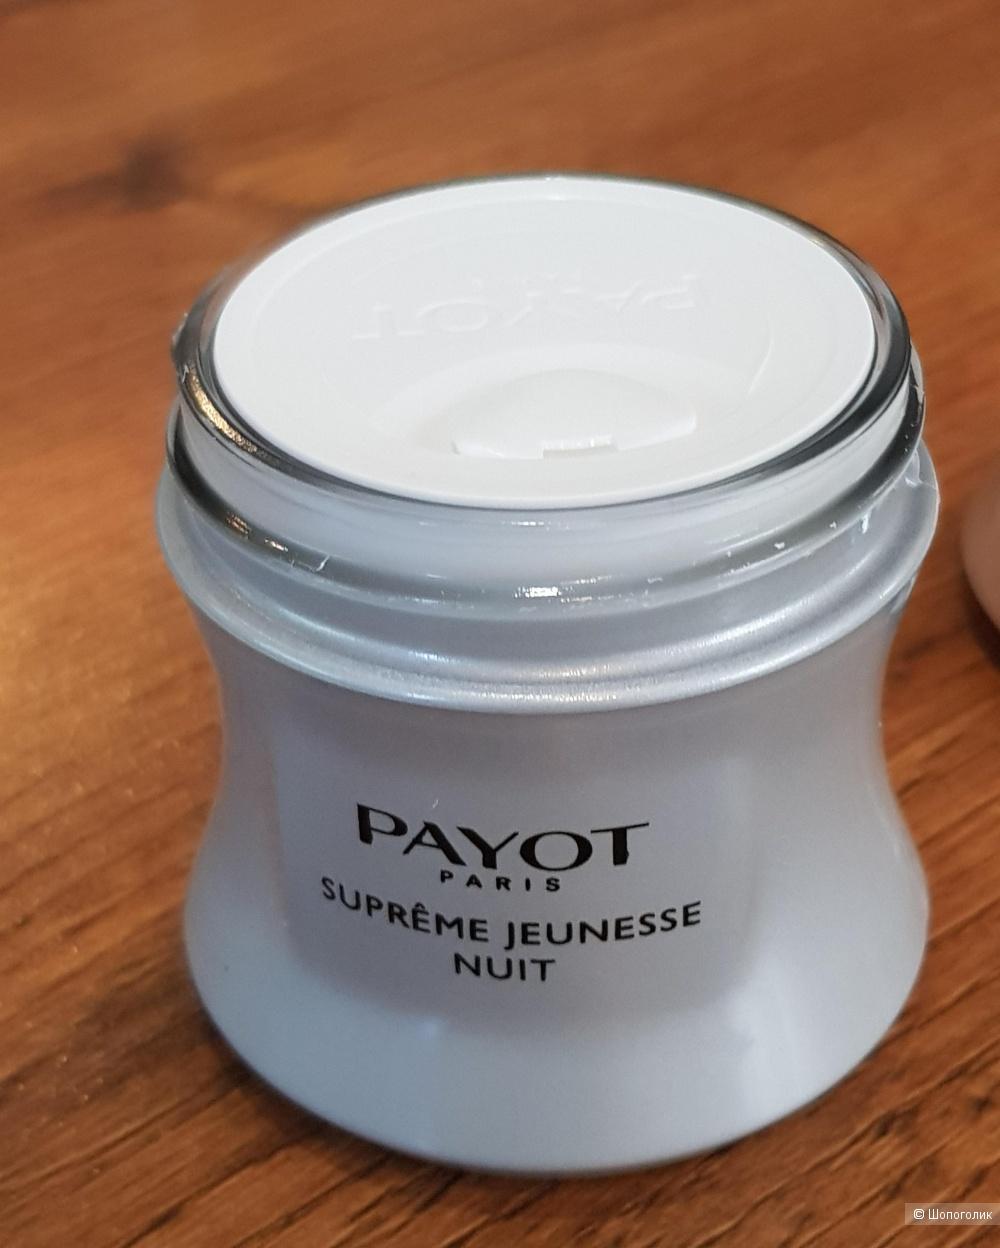 Payot Supreme Jeunesse Nuit , Ночной крем для лица, 50ml